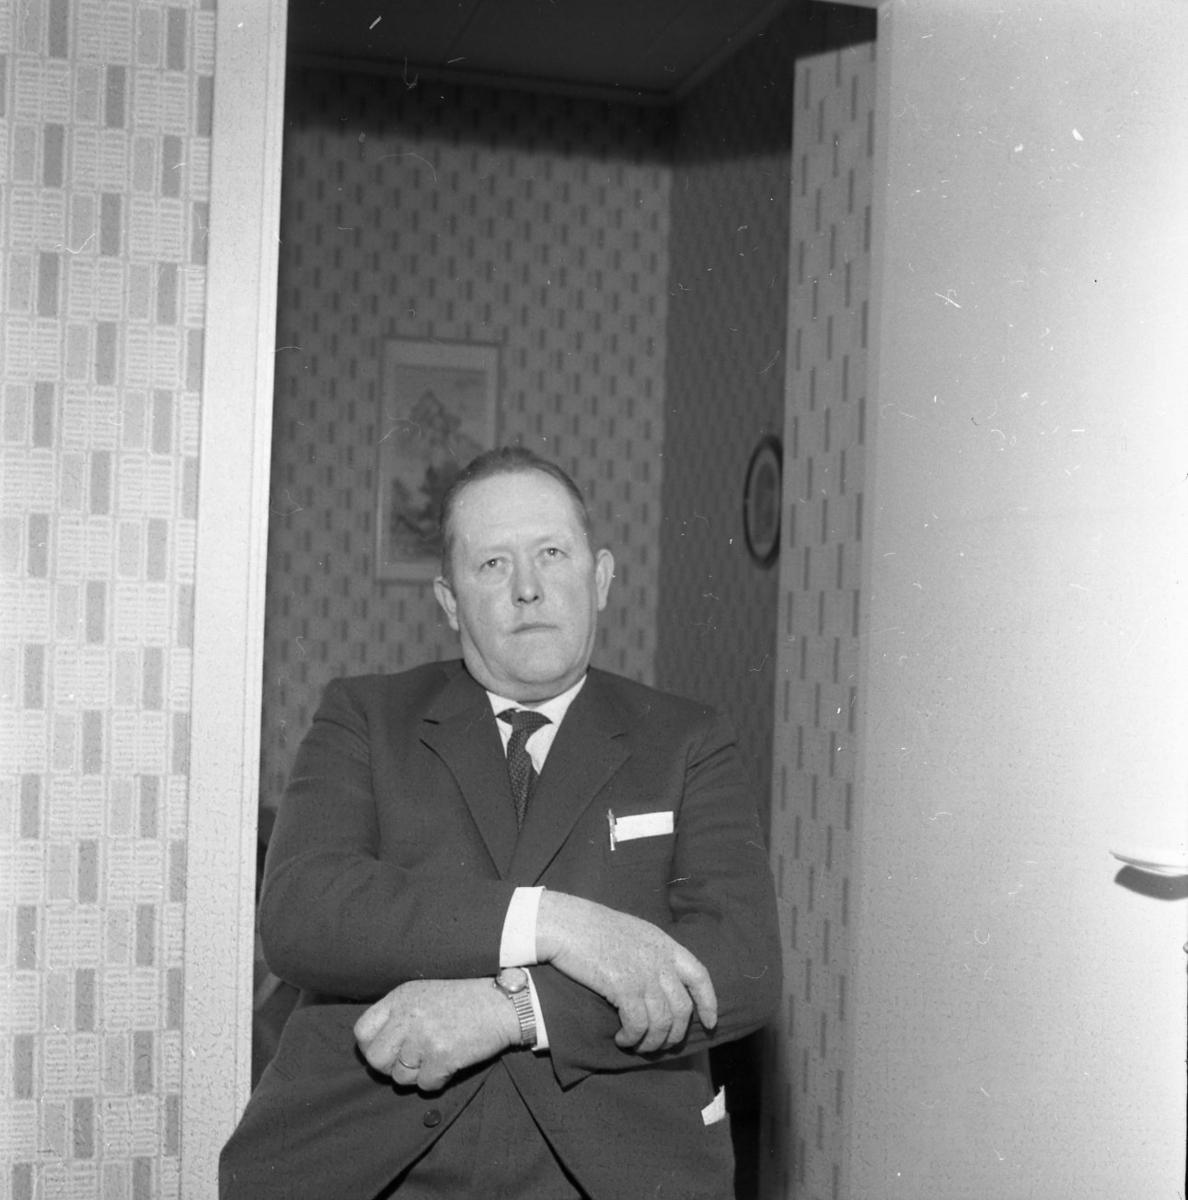 Porträtt av Henry Larsson, kommunalnämdens ordförande.